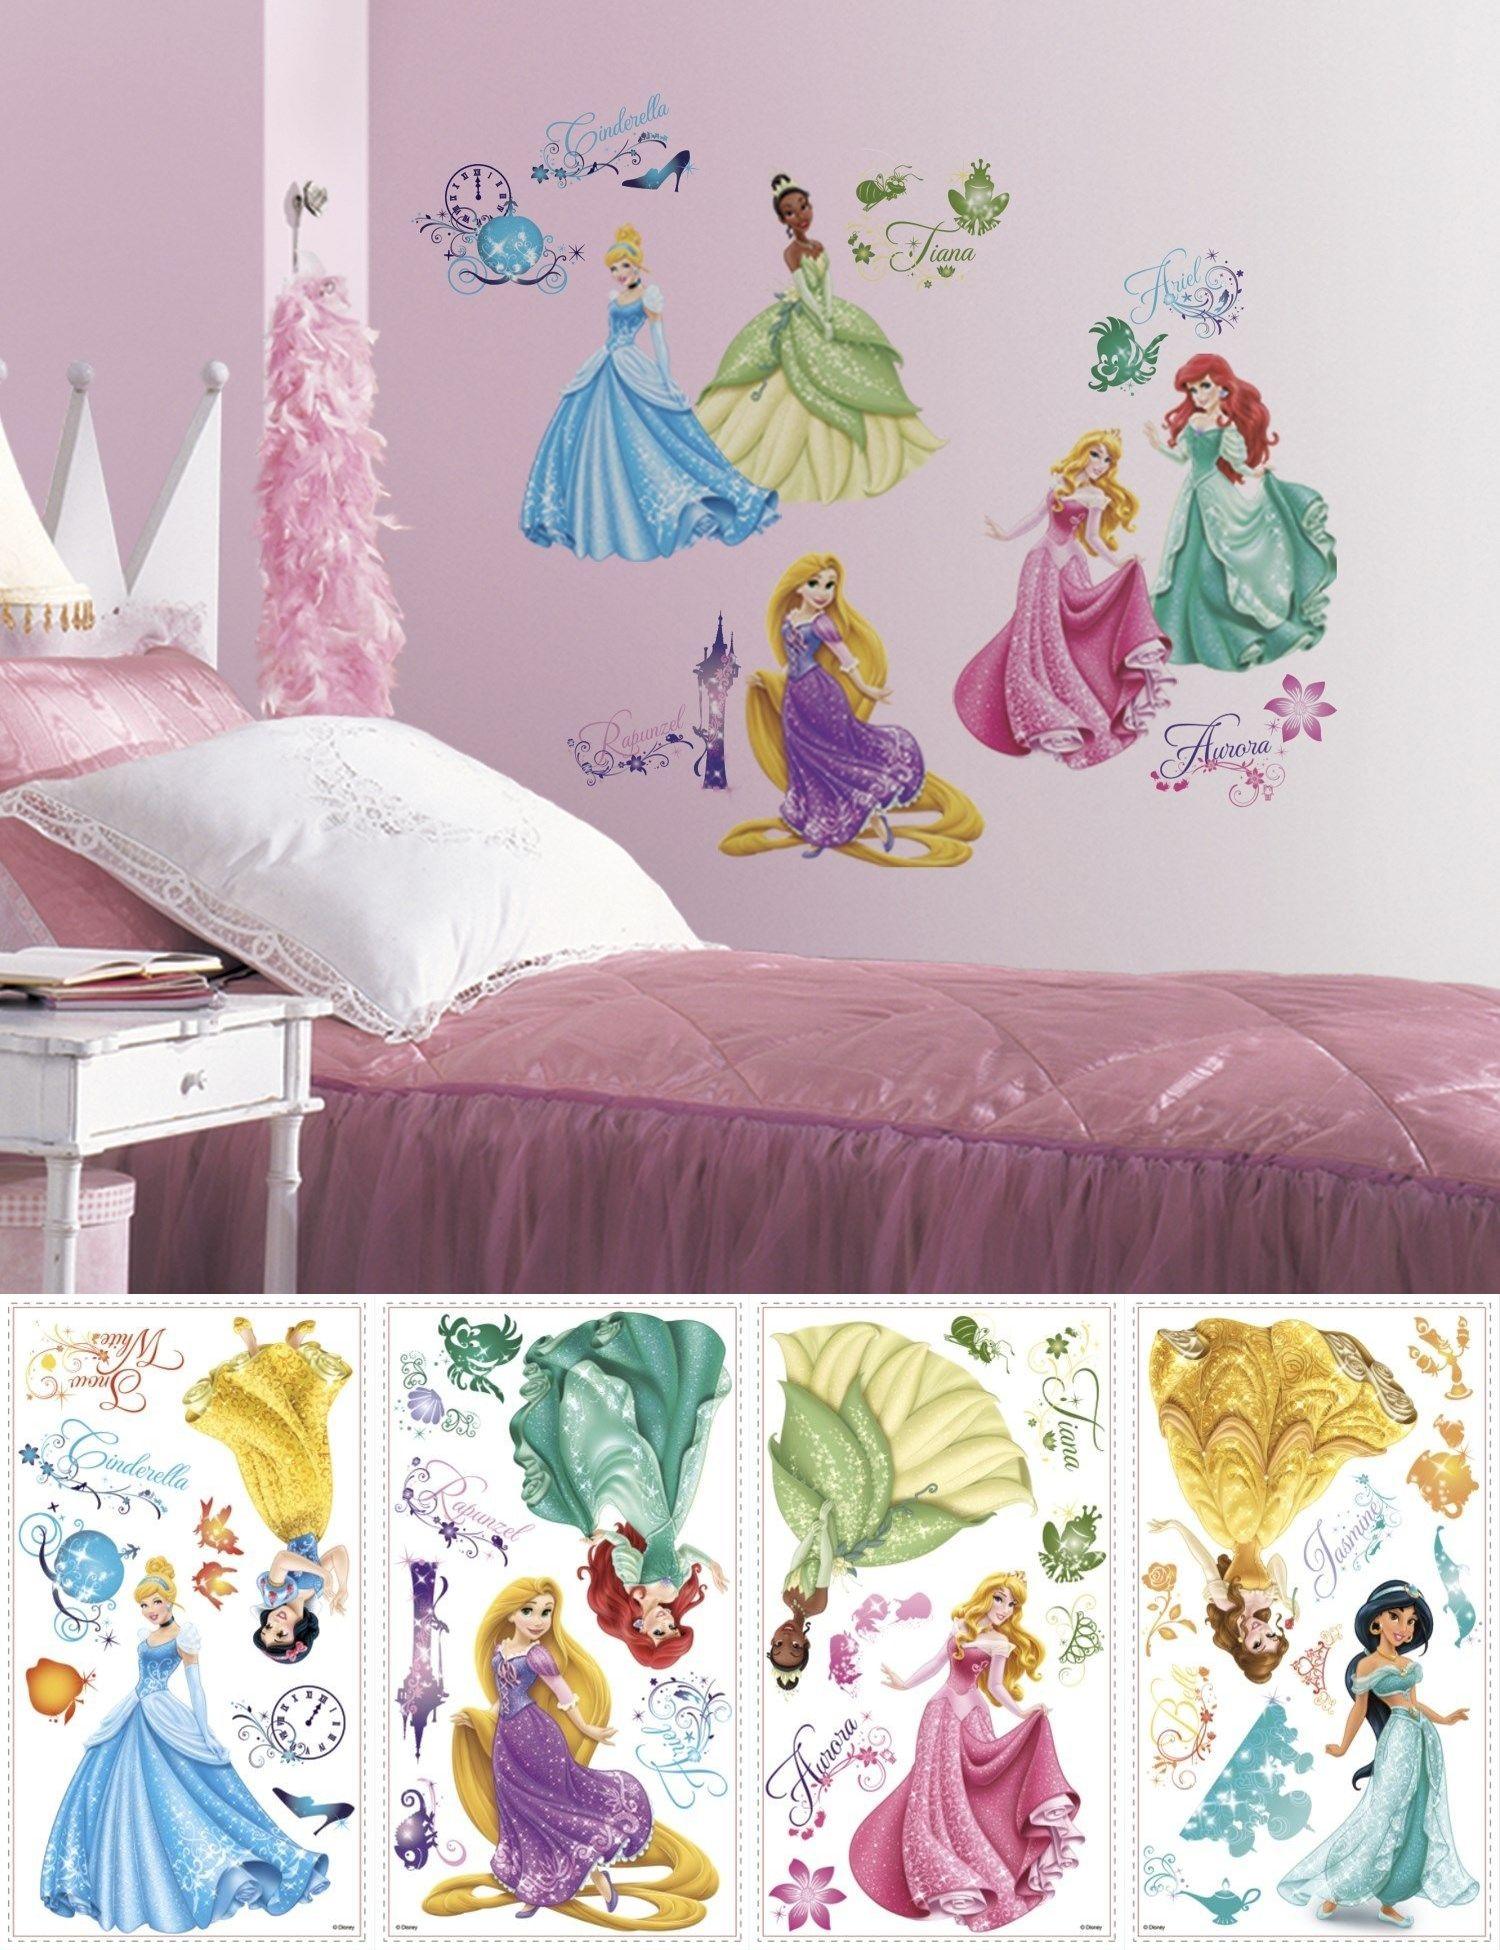 Bedroom Playroom And Dorm D Cor 115970 Disney Princess Wall Decals New Princesses Royal Debut Disney Princess Wall Decals Baby Nursery Decor Princess Sticker